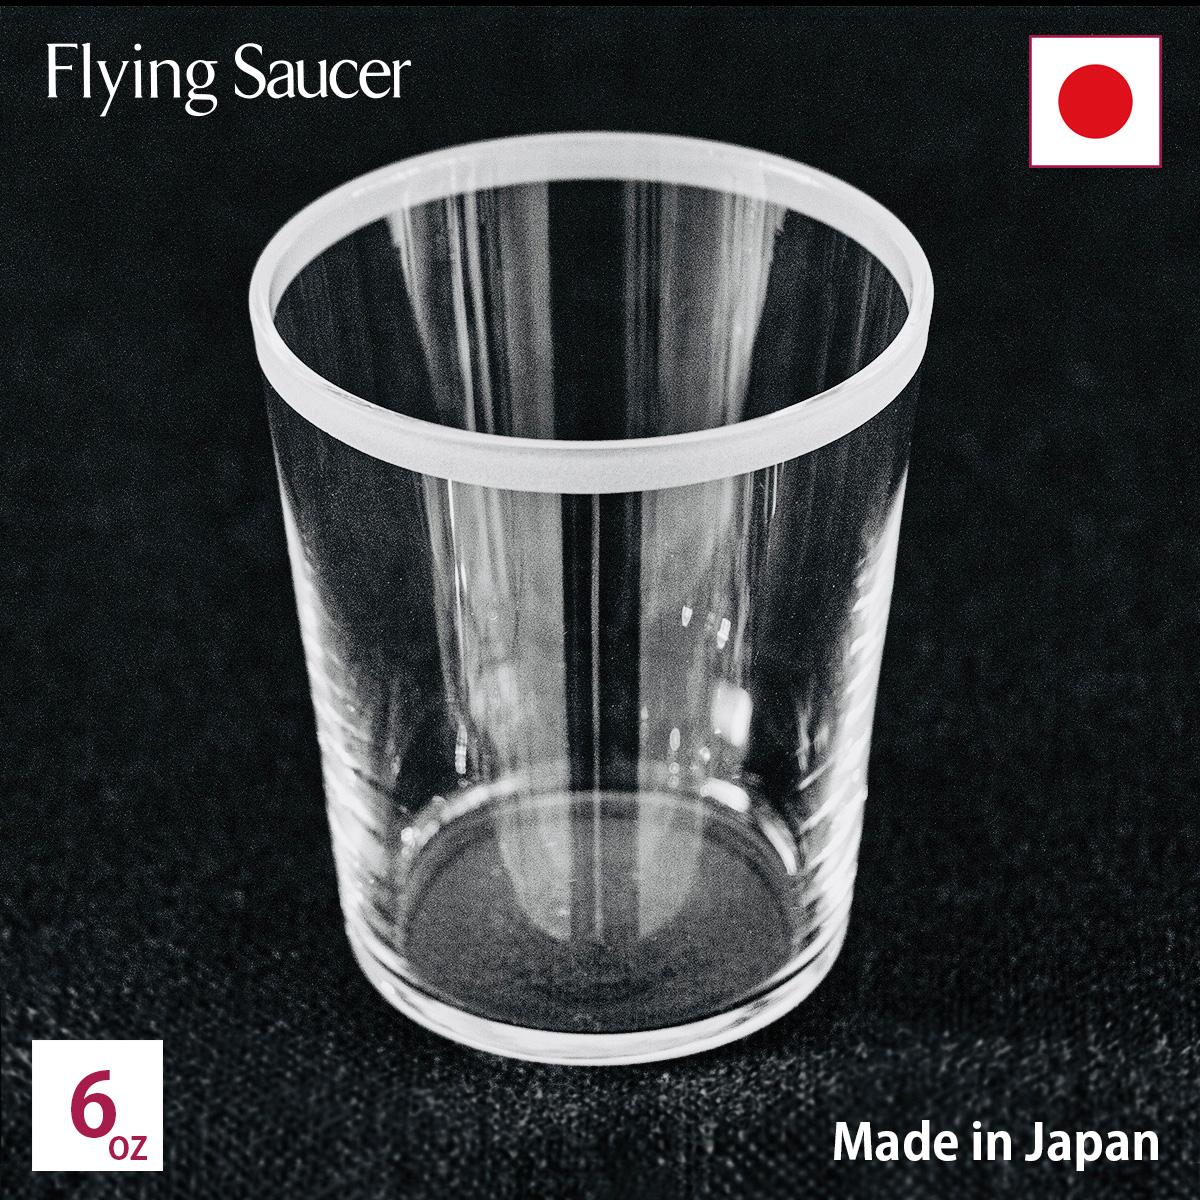 フライングソーサー オリジナルグラス サンド オールド 6oz